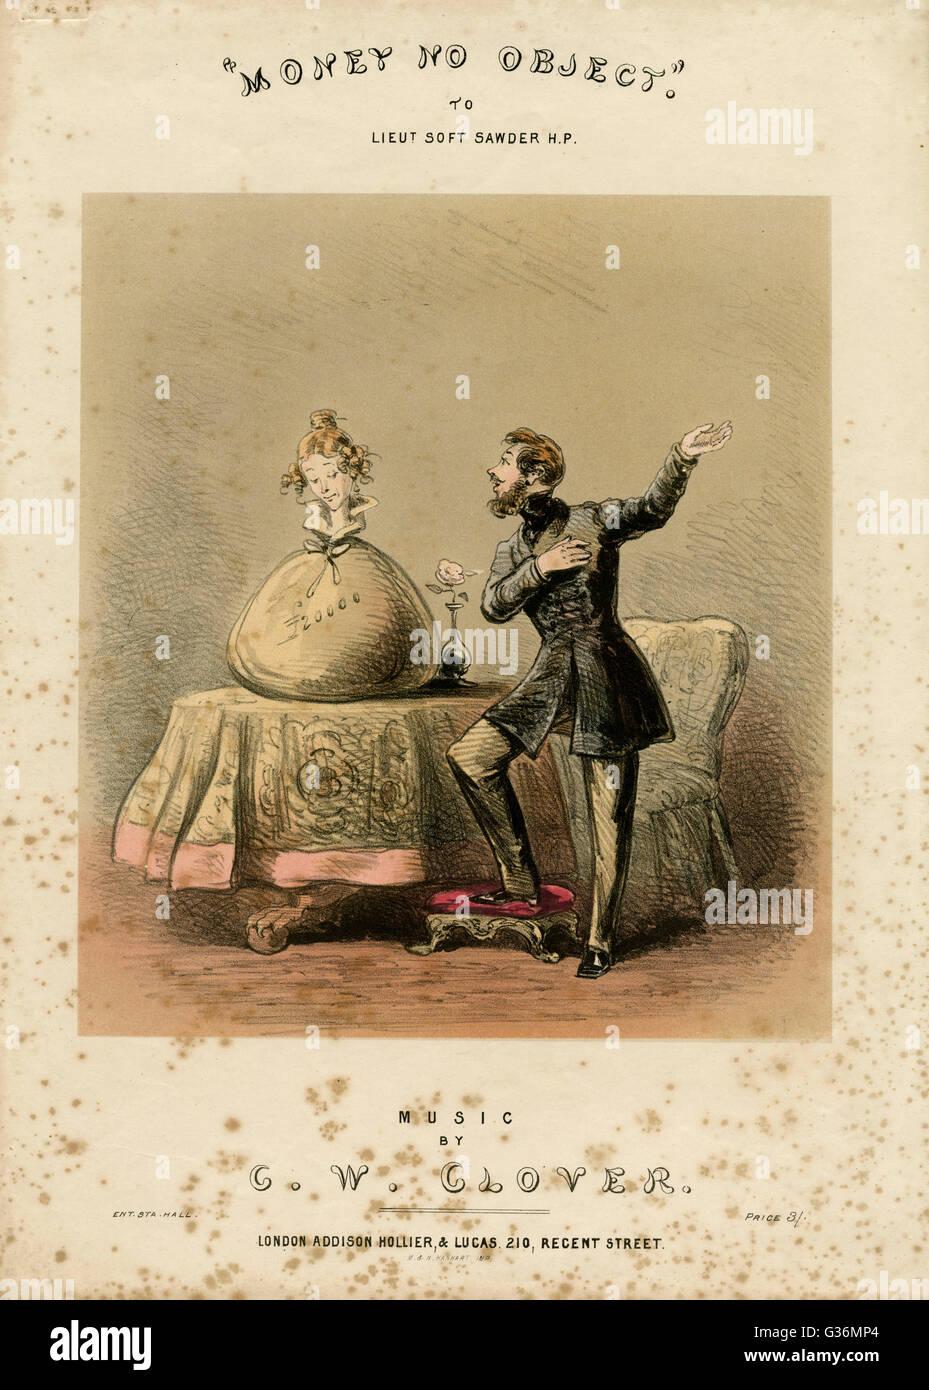 L'argent pas d'objet. La satire de se marier pour de l'argent Date: vers 1850 Photo Stock